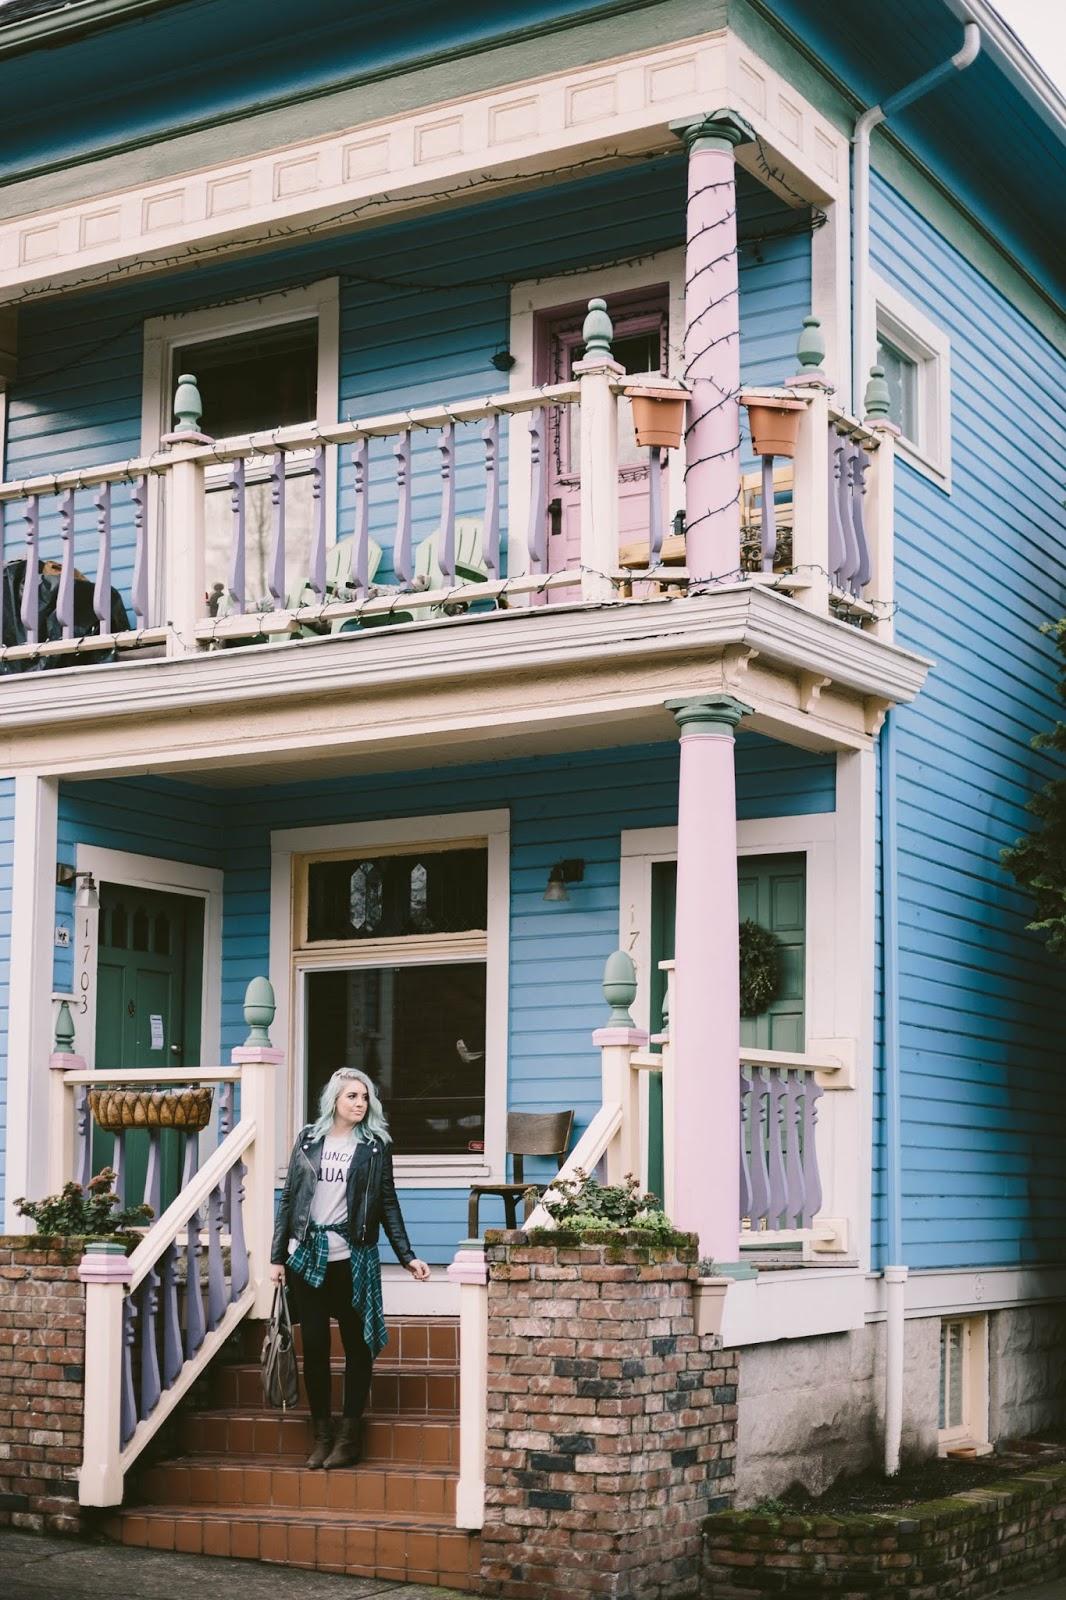 Blue house, colorful house, Portland